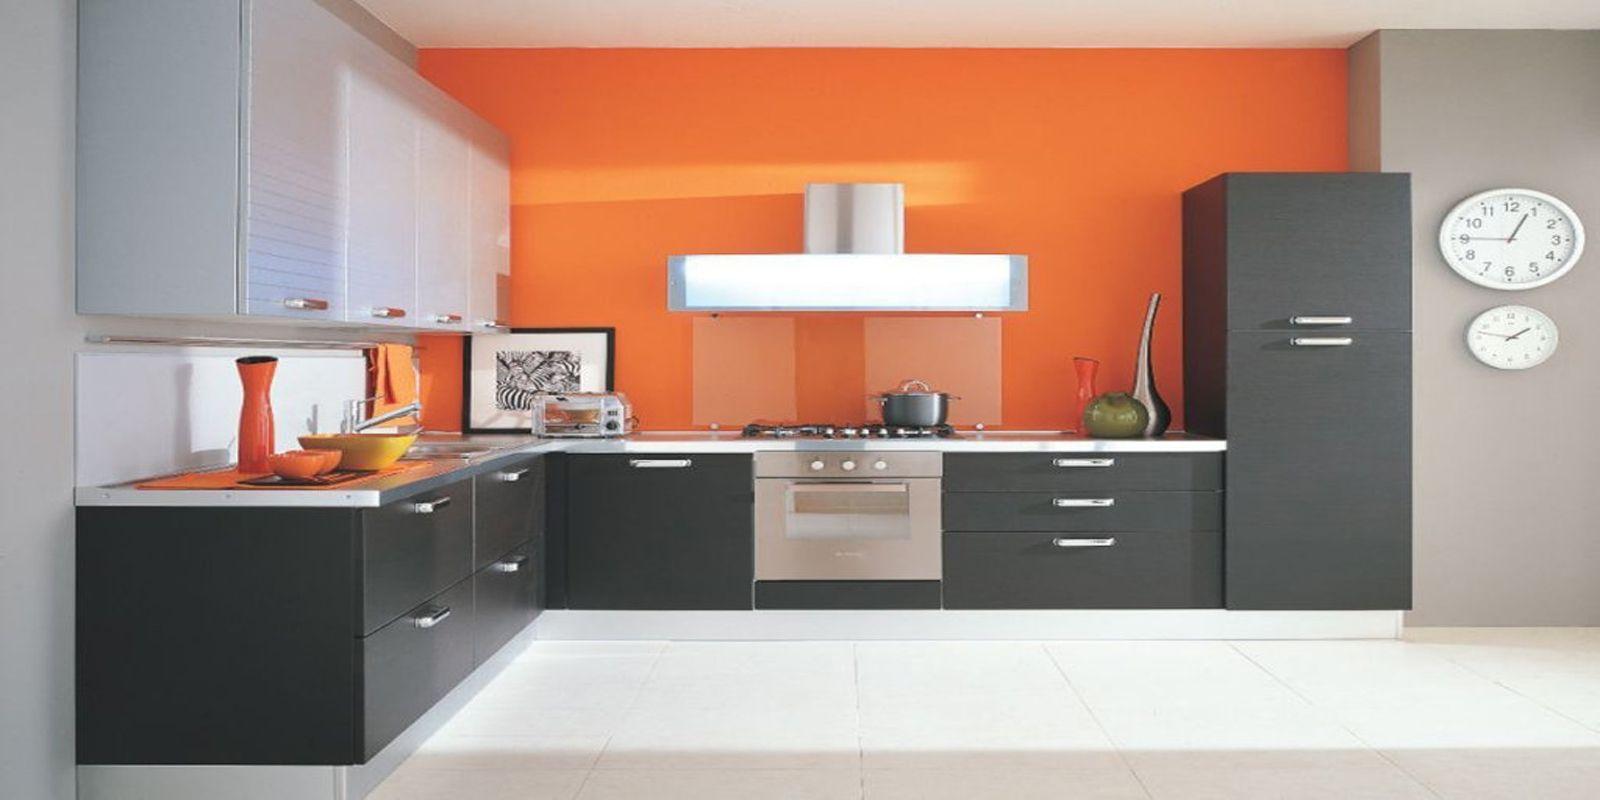 Best modular kitchen in nagpur modular kitchen in kitchen modular